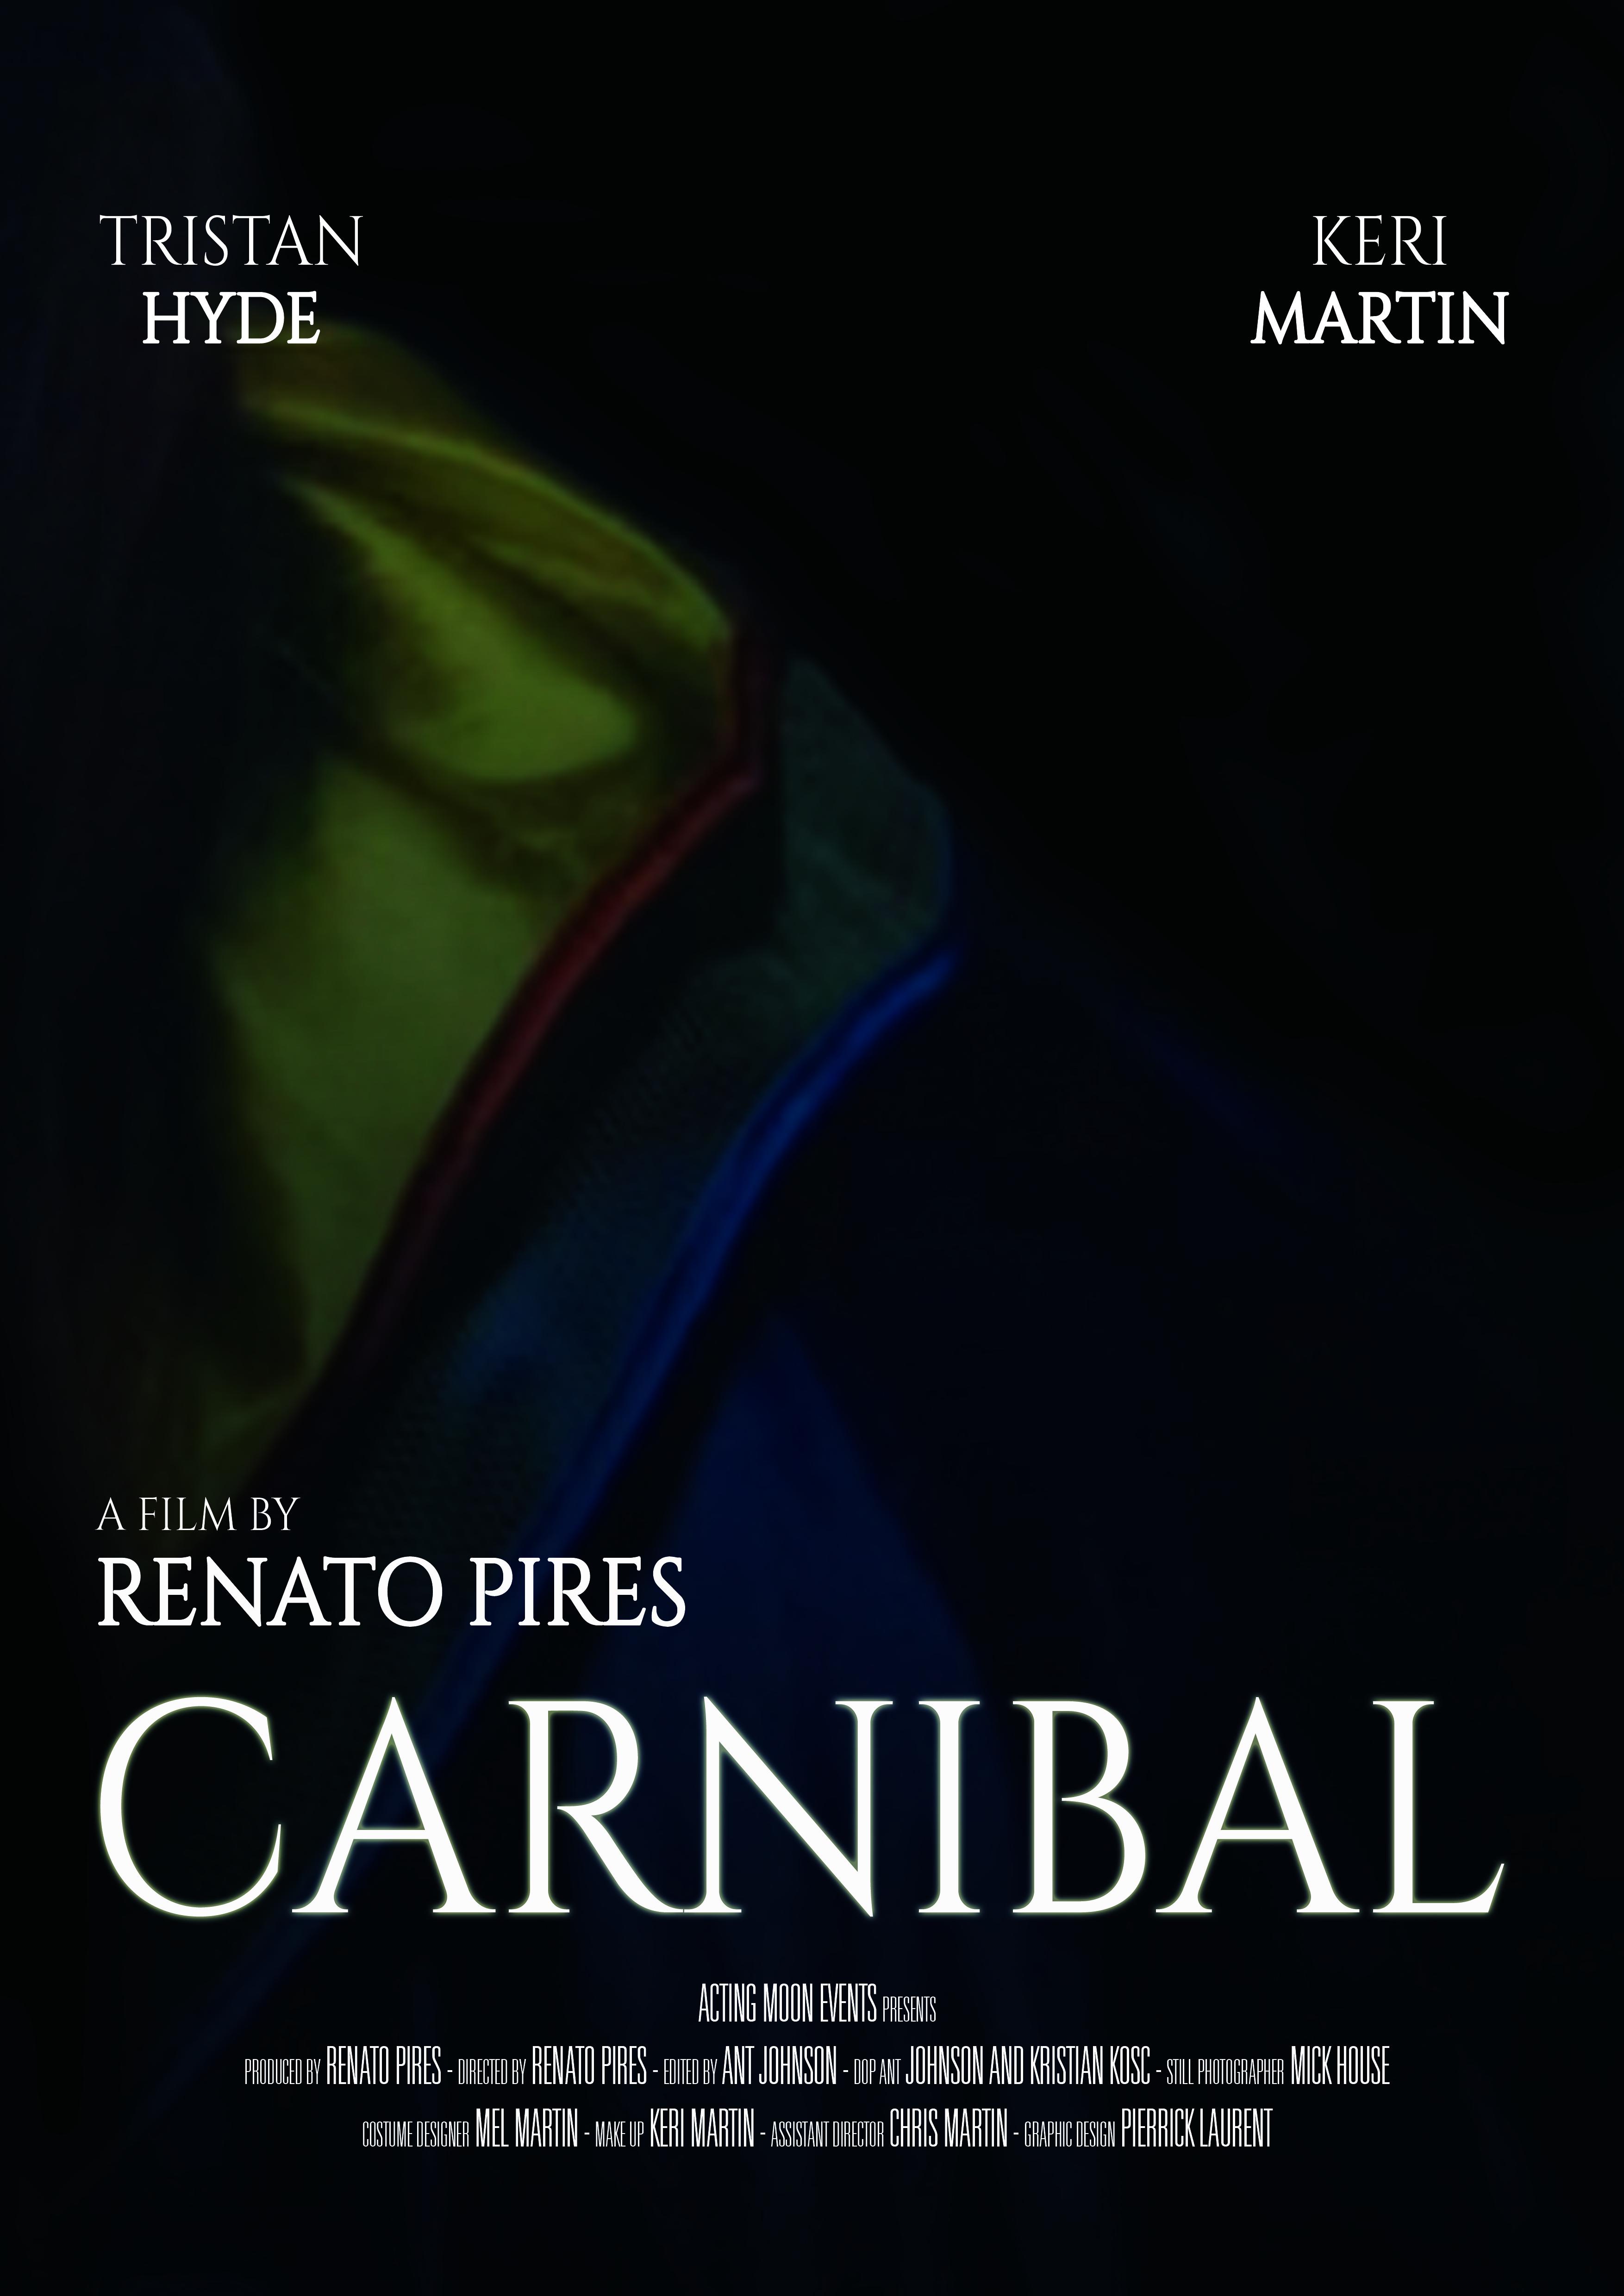 carnibal 2017 imdb